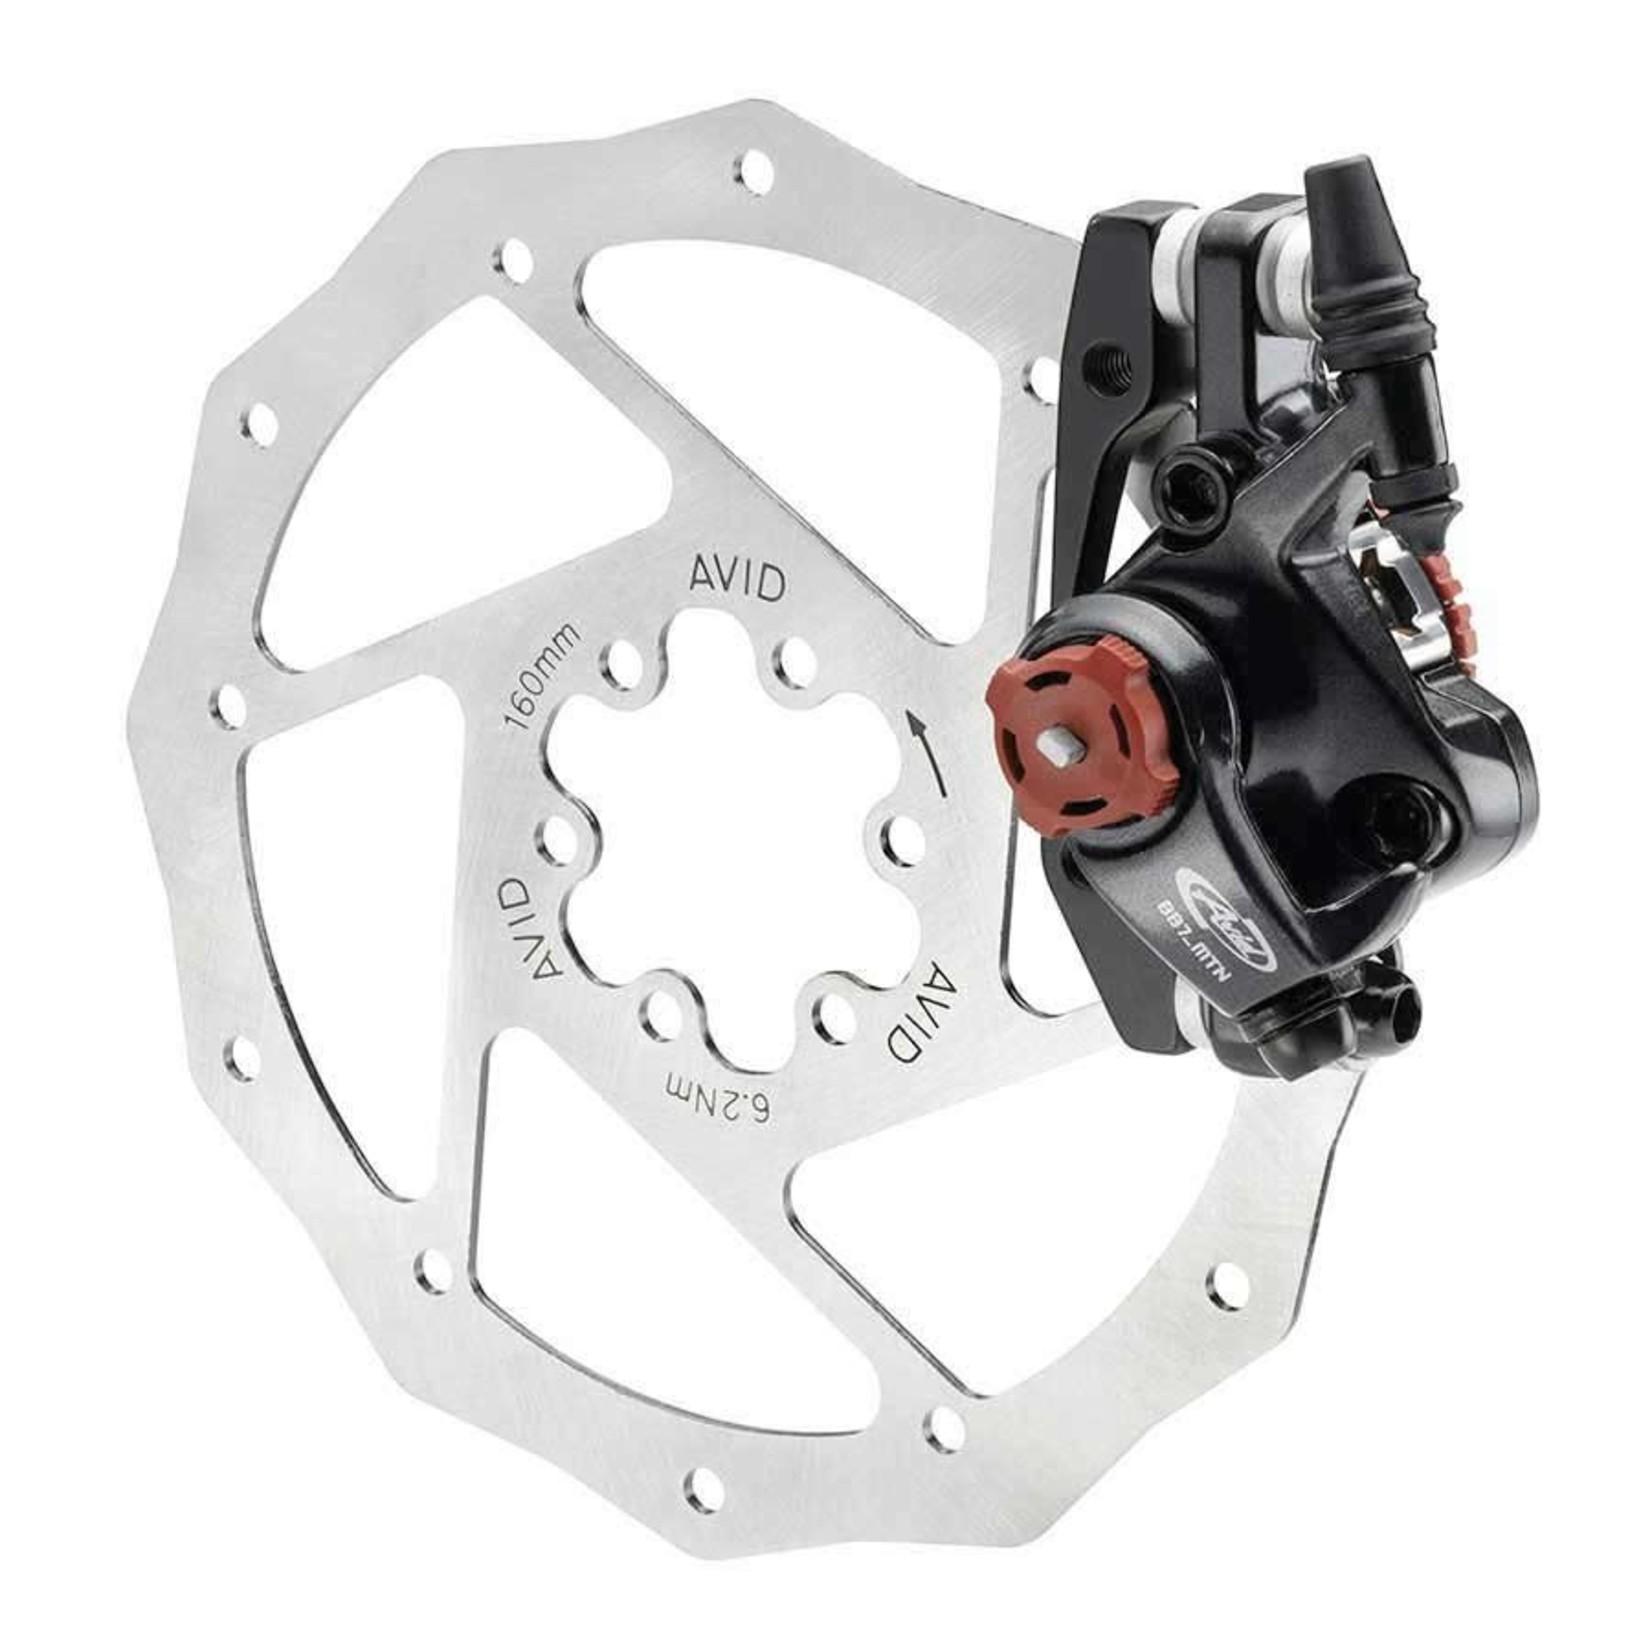 AVID BB7 MTB, Frein a disque mecanique, Gris, Avant ou Arriere, Sans rotor, Sans adaptateur